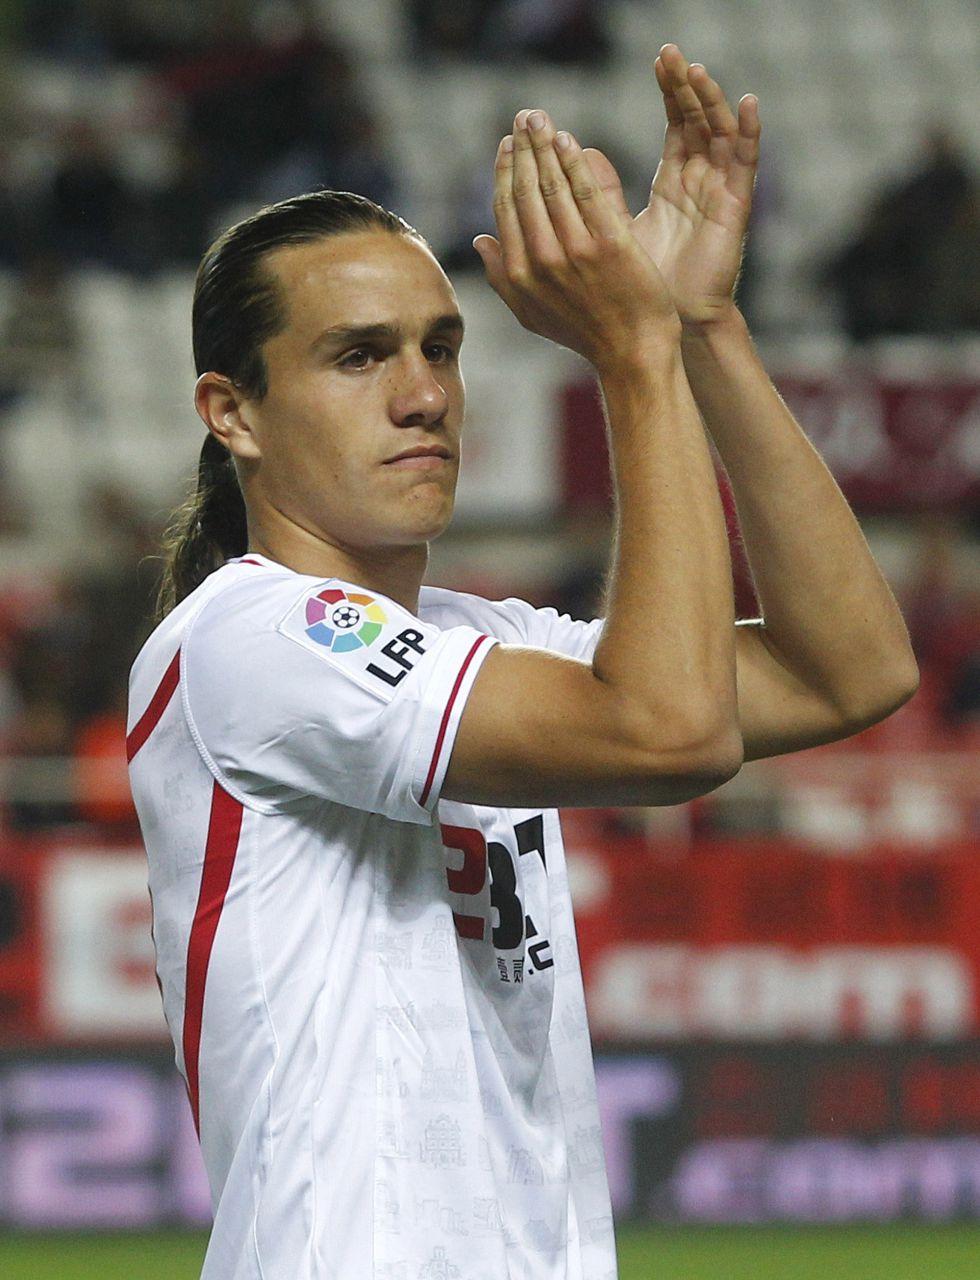 El Sporting confirma la cesión del defensa Bernardo, del Sevilla